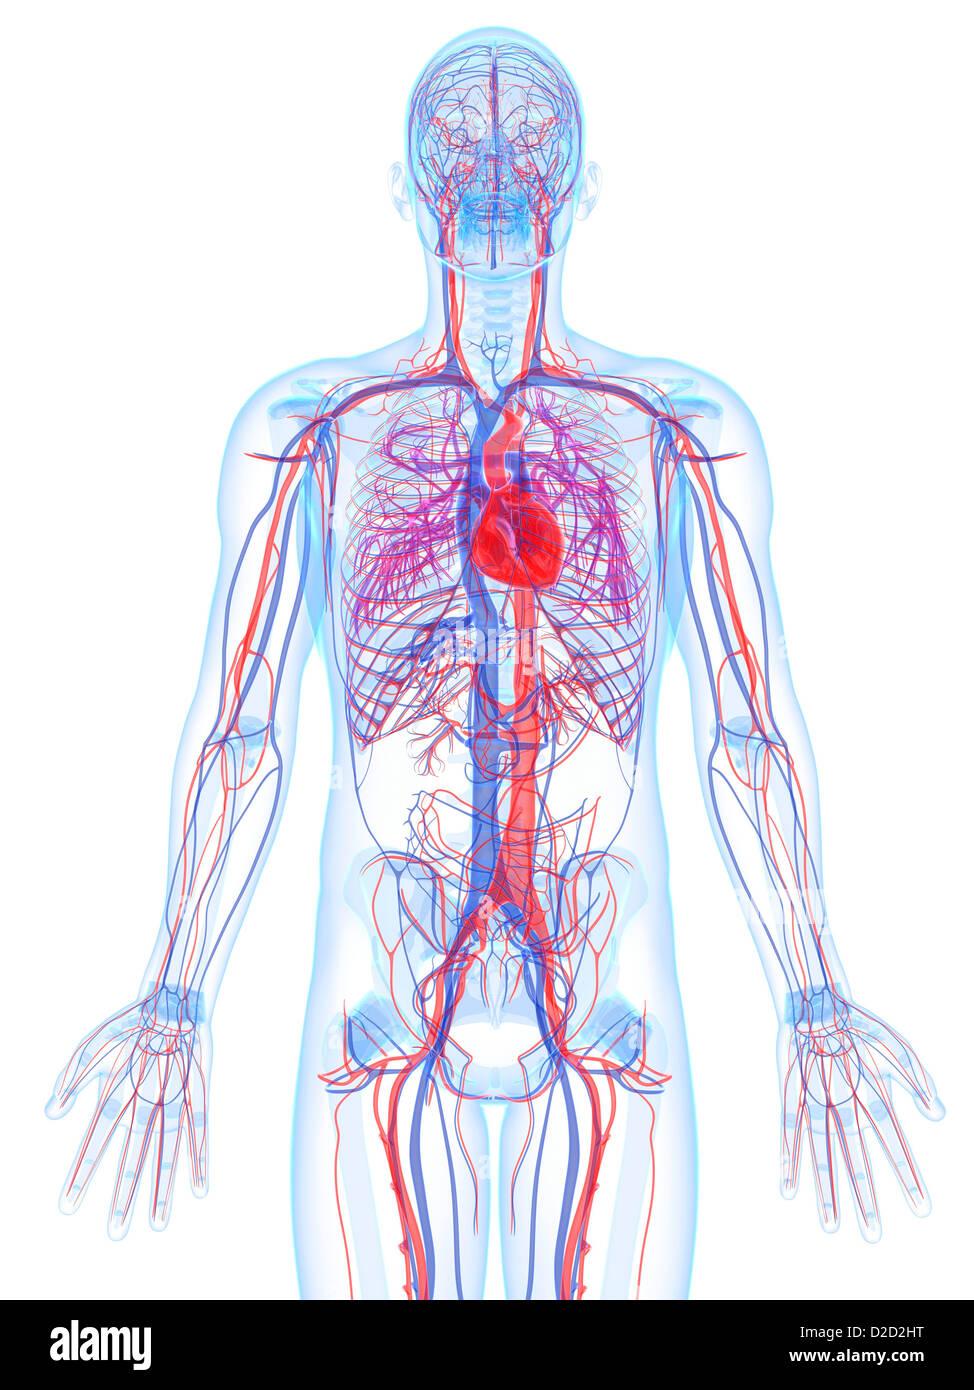 Nett Herz Kreislauf System Organe Und Funktionen Ideen - Physiologie ...